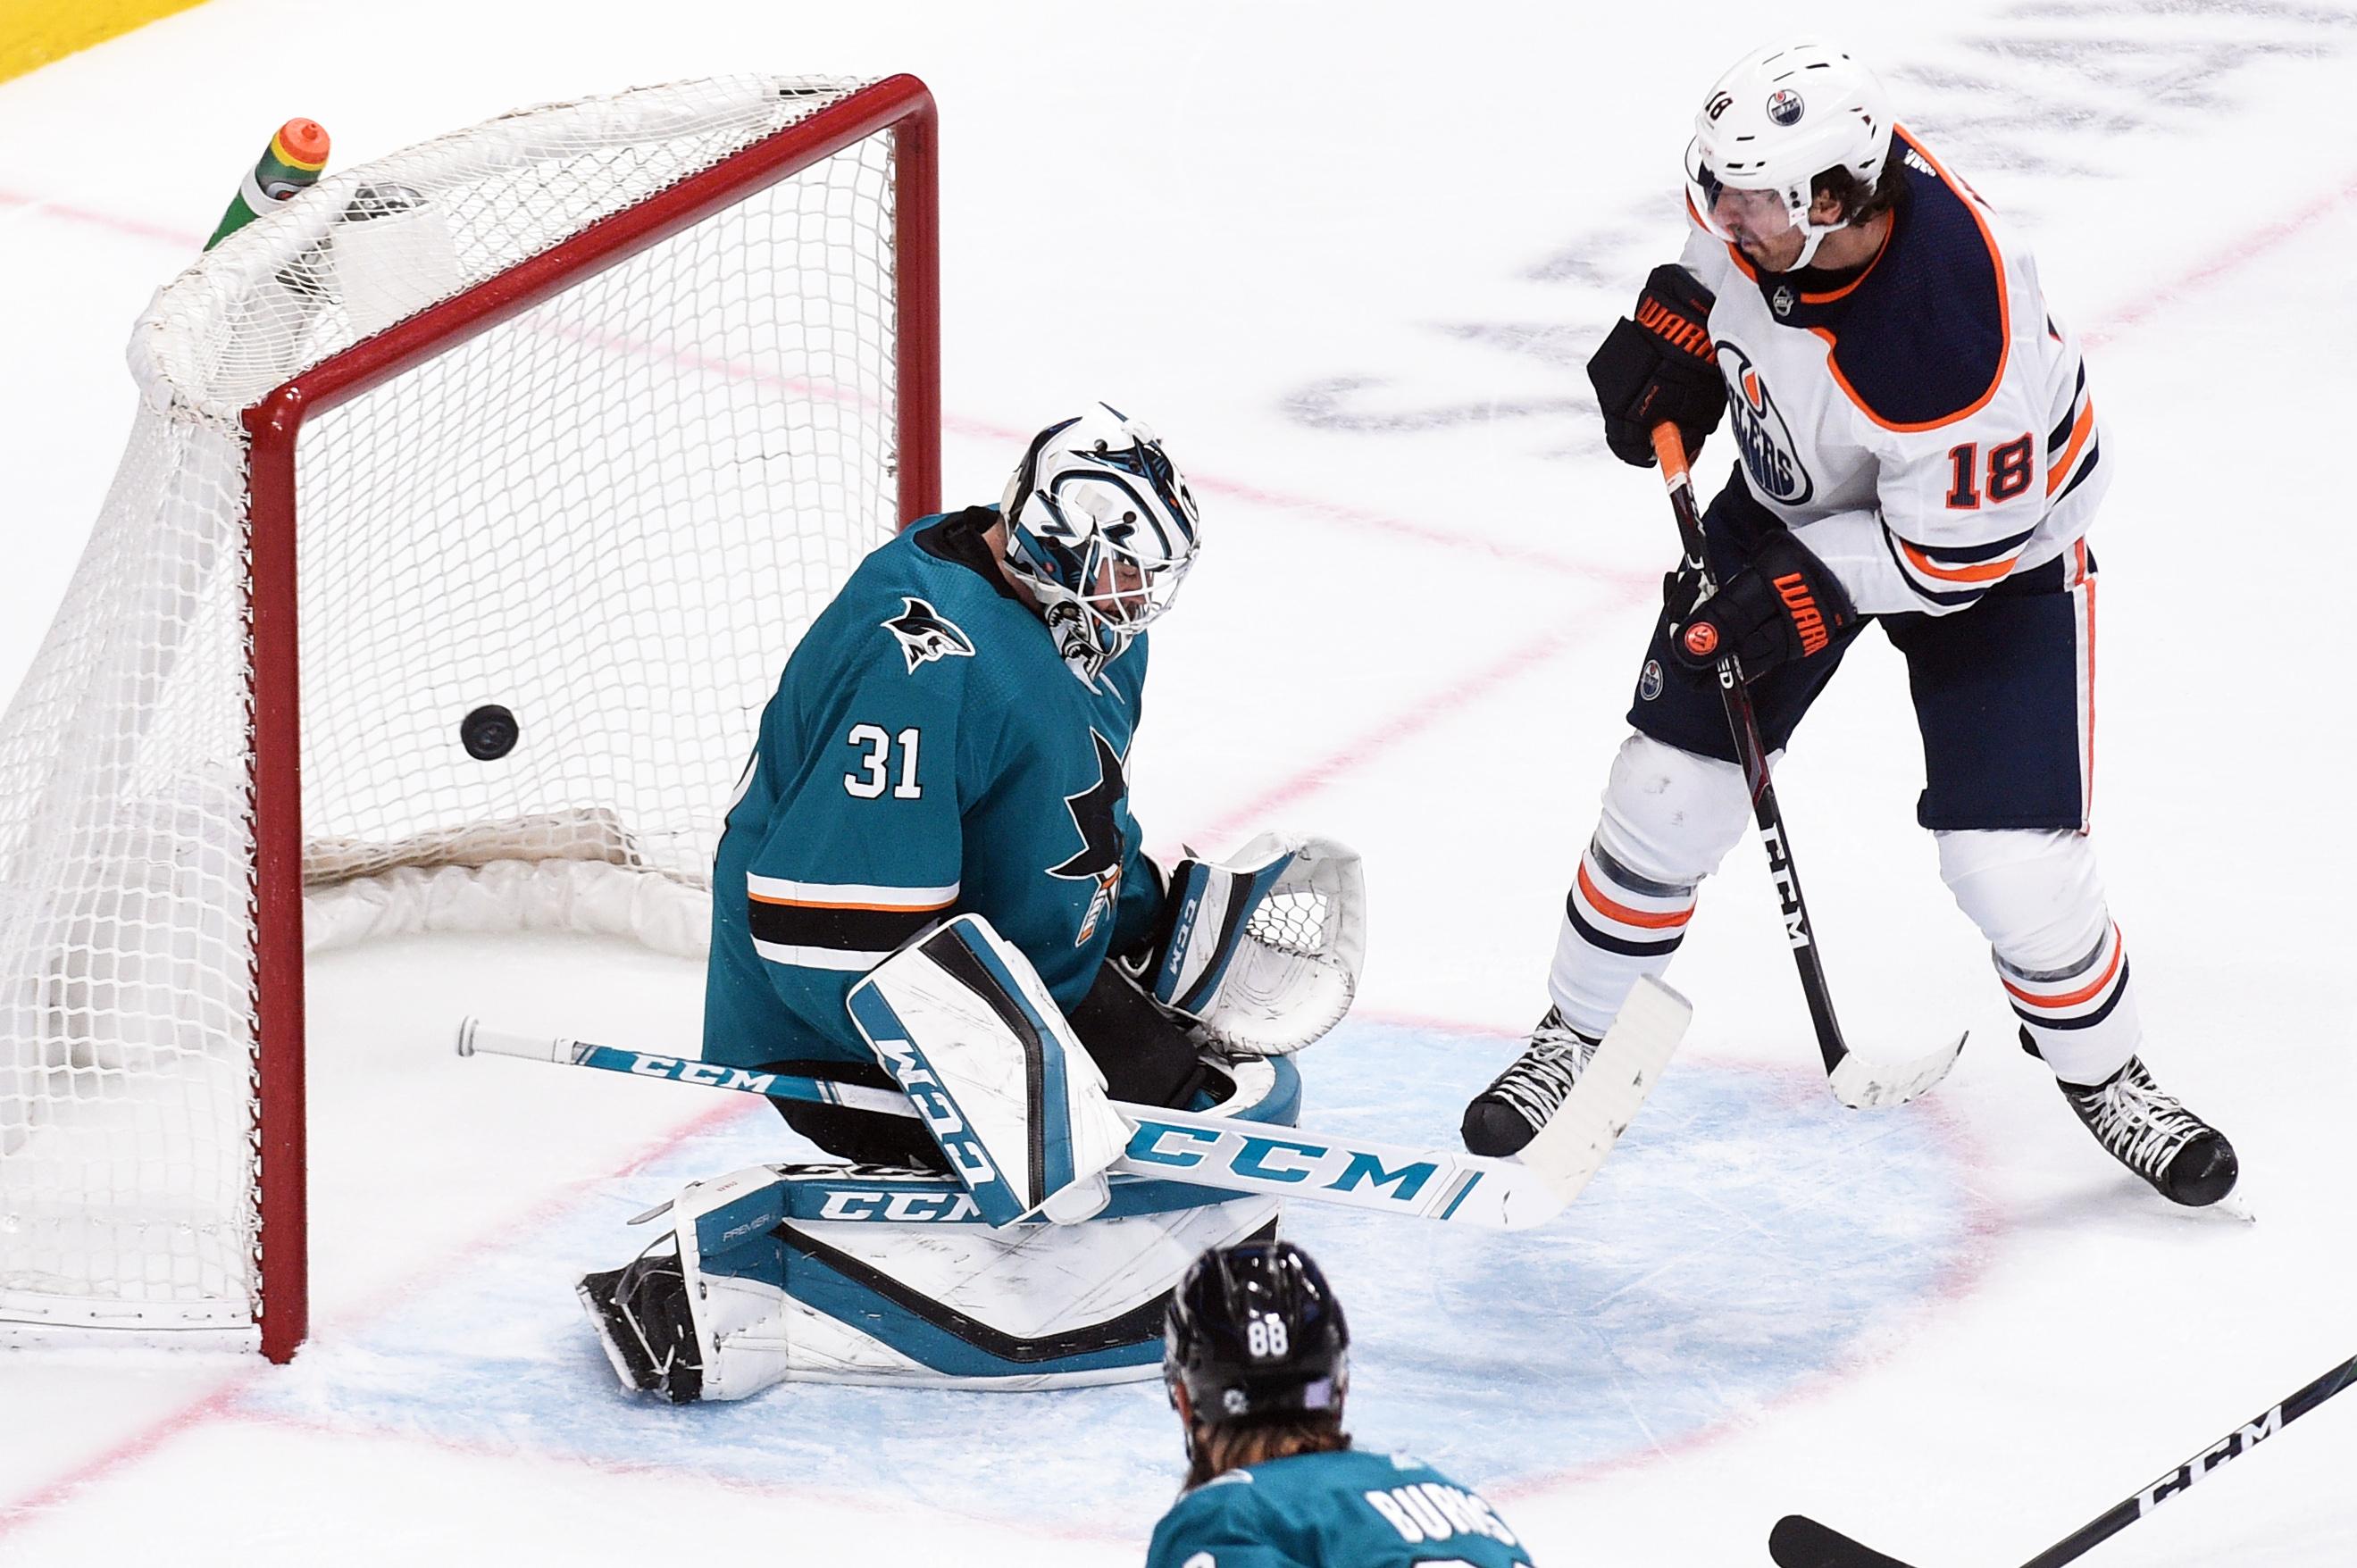 Nov 19, 2019; San Jose, CA, USA; Edmonton Oilers left wing James Neal (18) scores a goal past San Jose Sharks goalie Martin Jones (31) during the second period at SAP Center in San Jose.